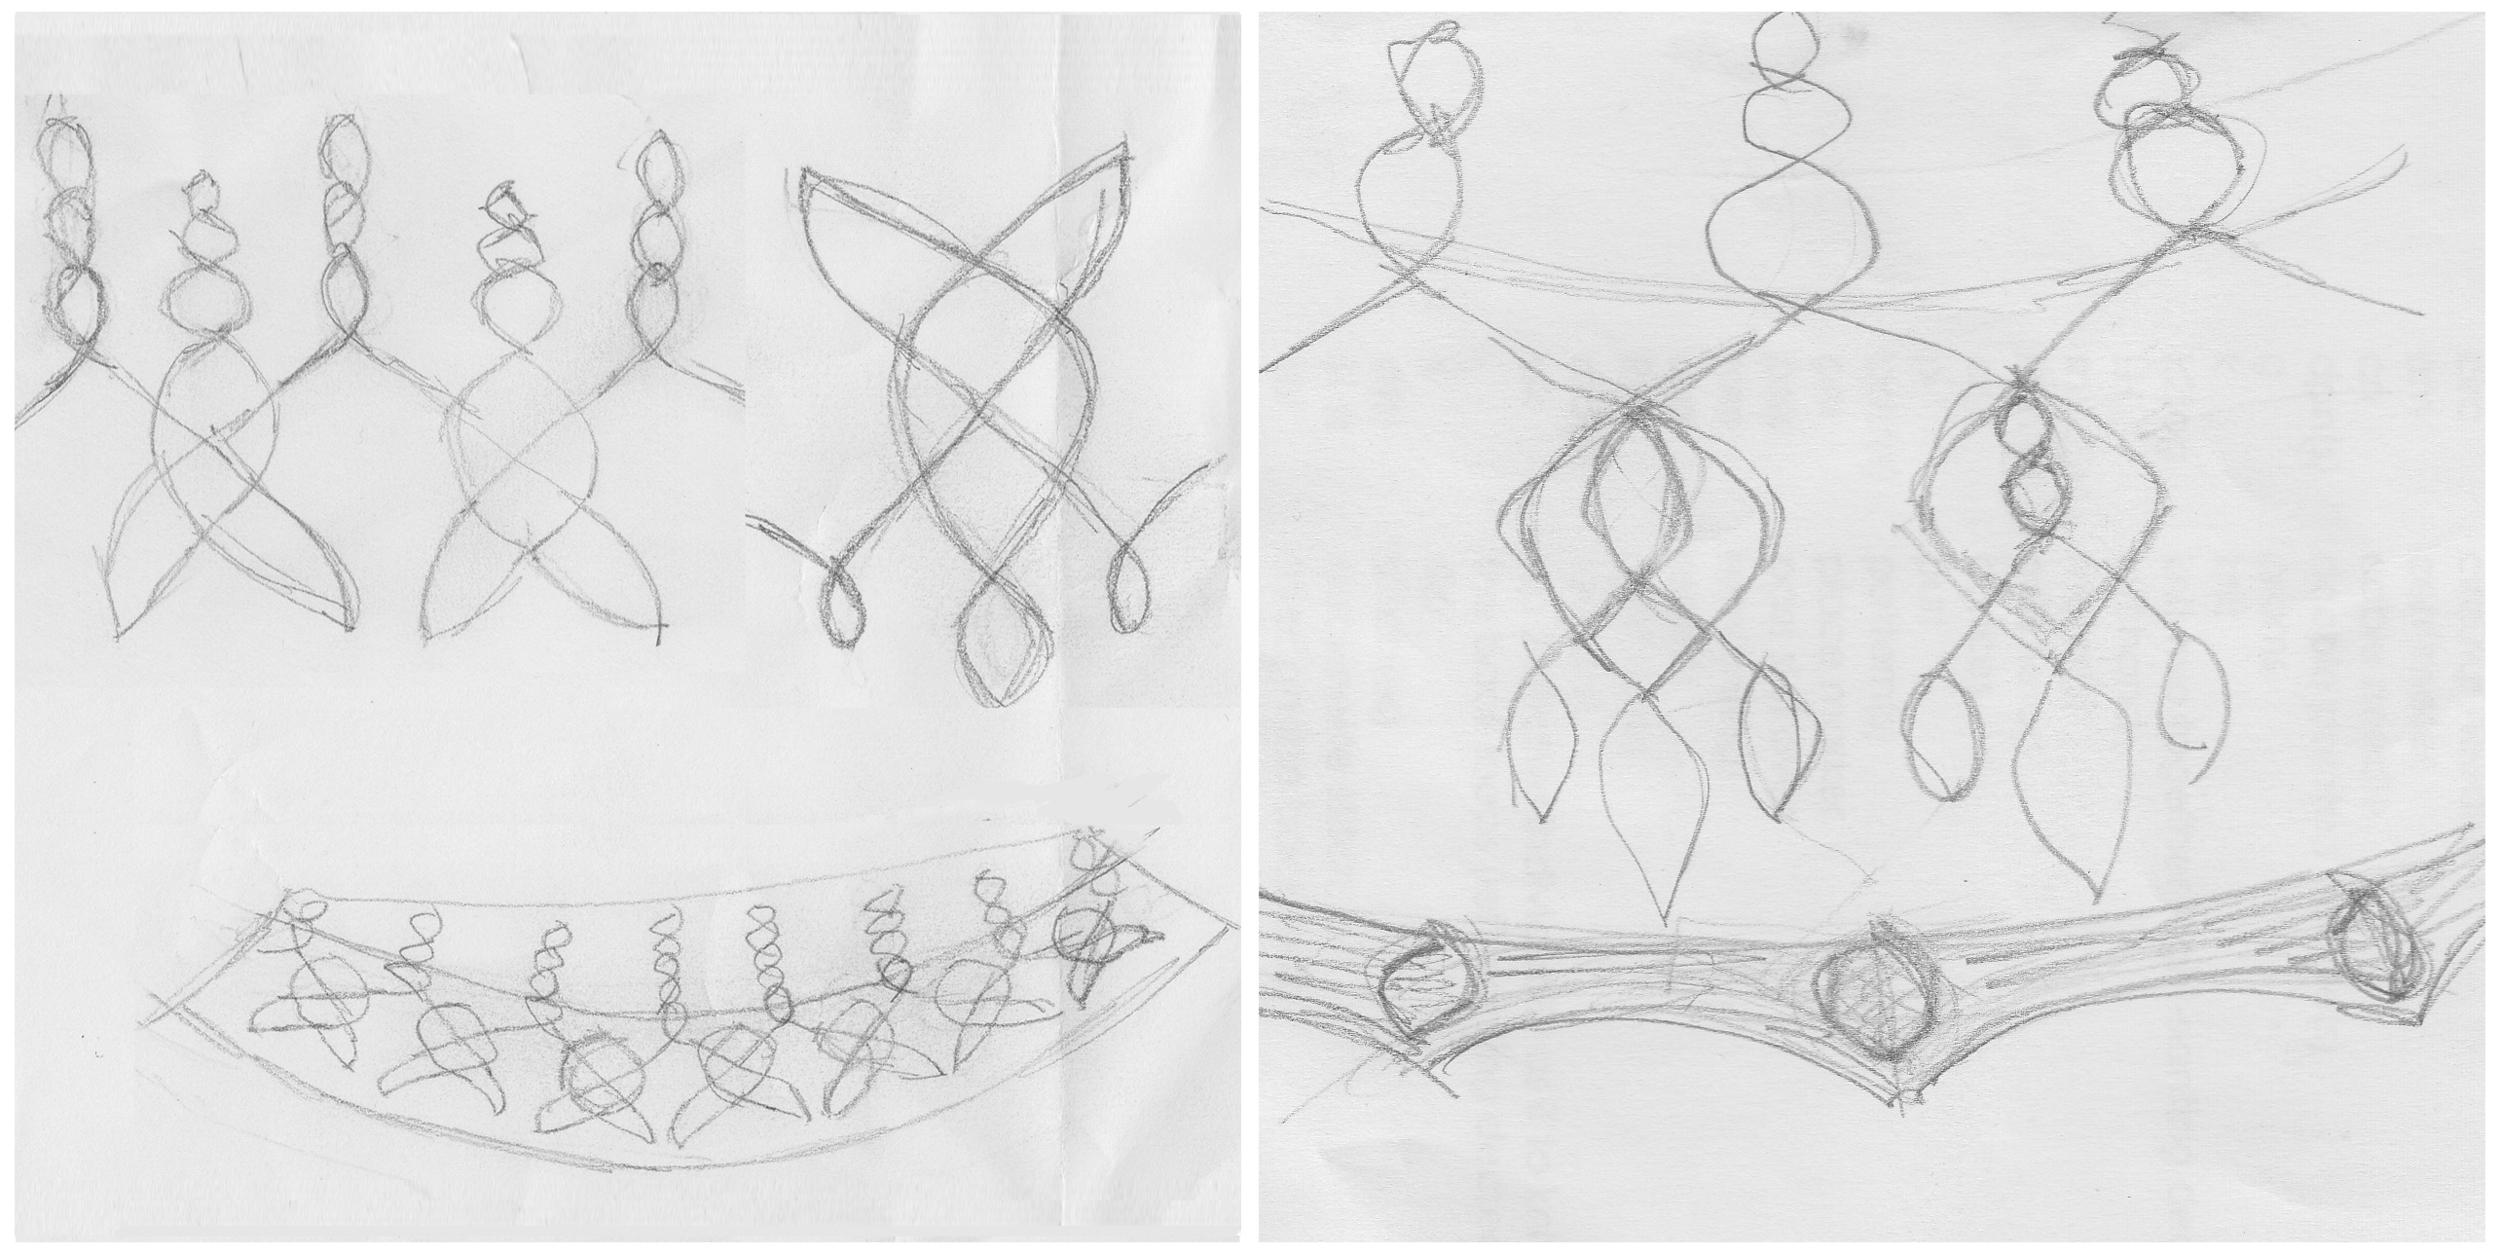 cypri sketch